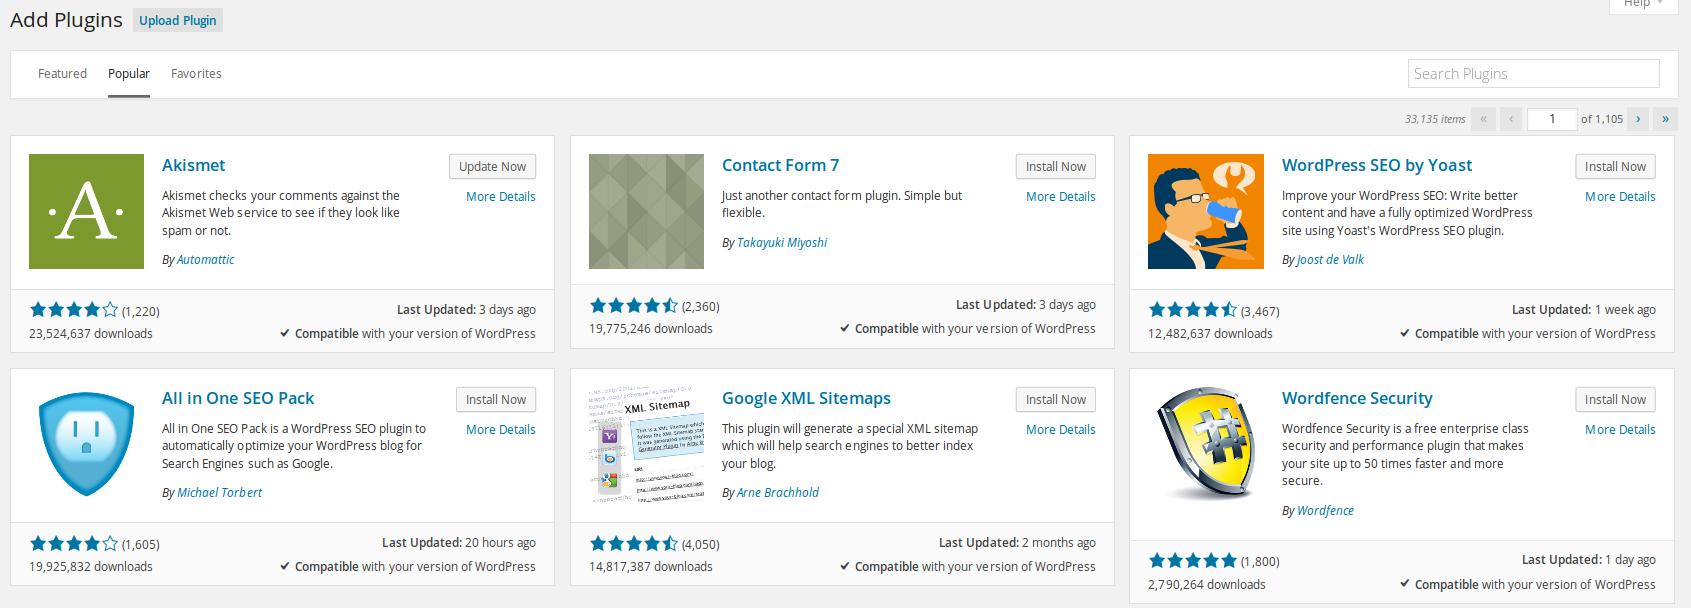 Updates to the Wordpress plugin GUI in Wordpress 4.0